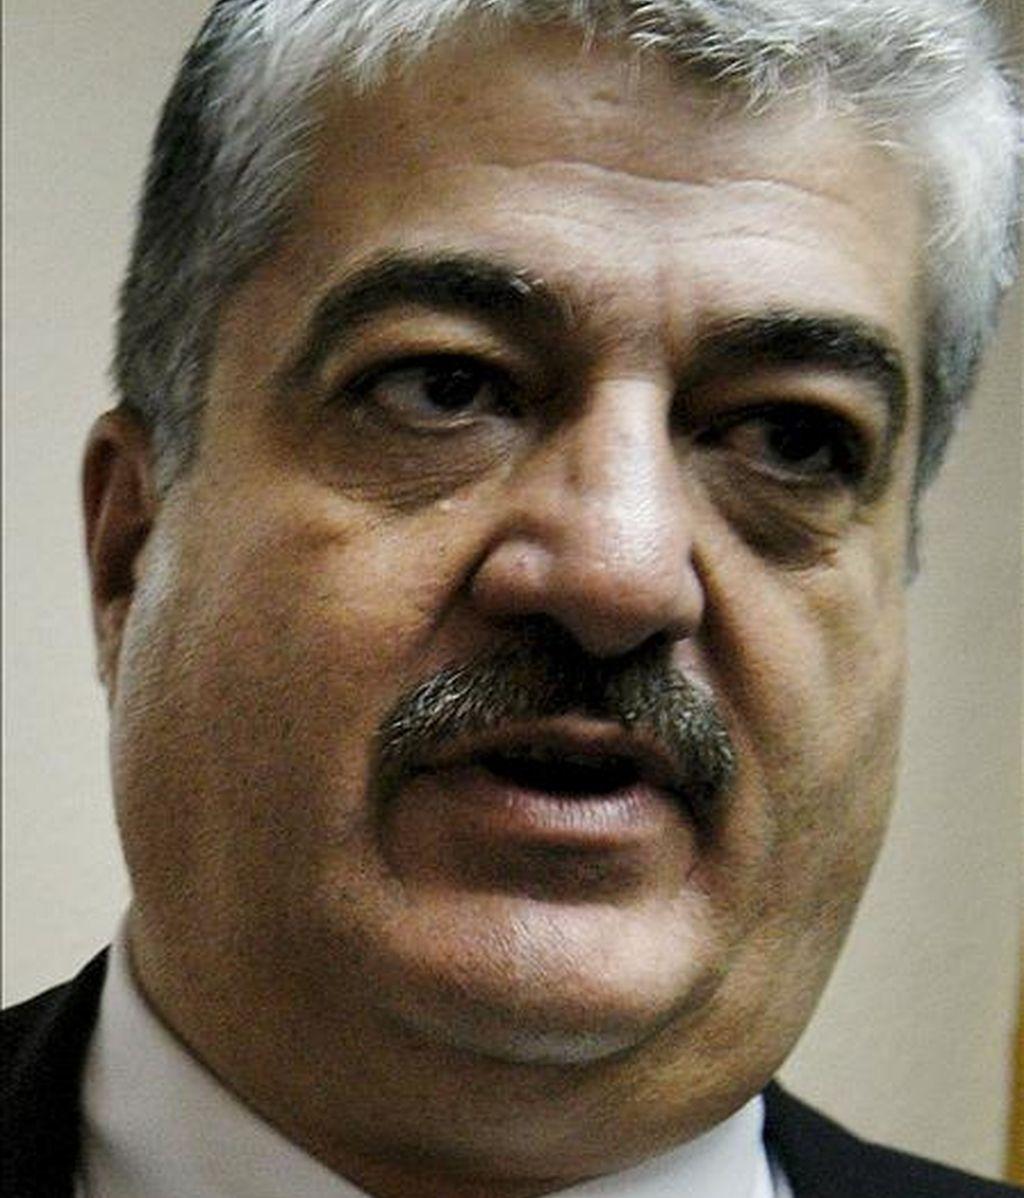 El ex ministro guatemalteco del Interior Carlos Vielman. EFE/Archivo